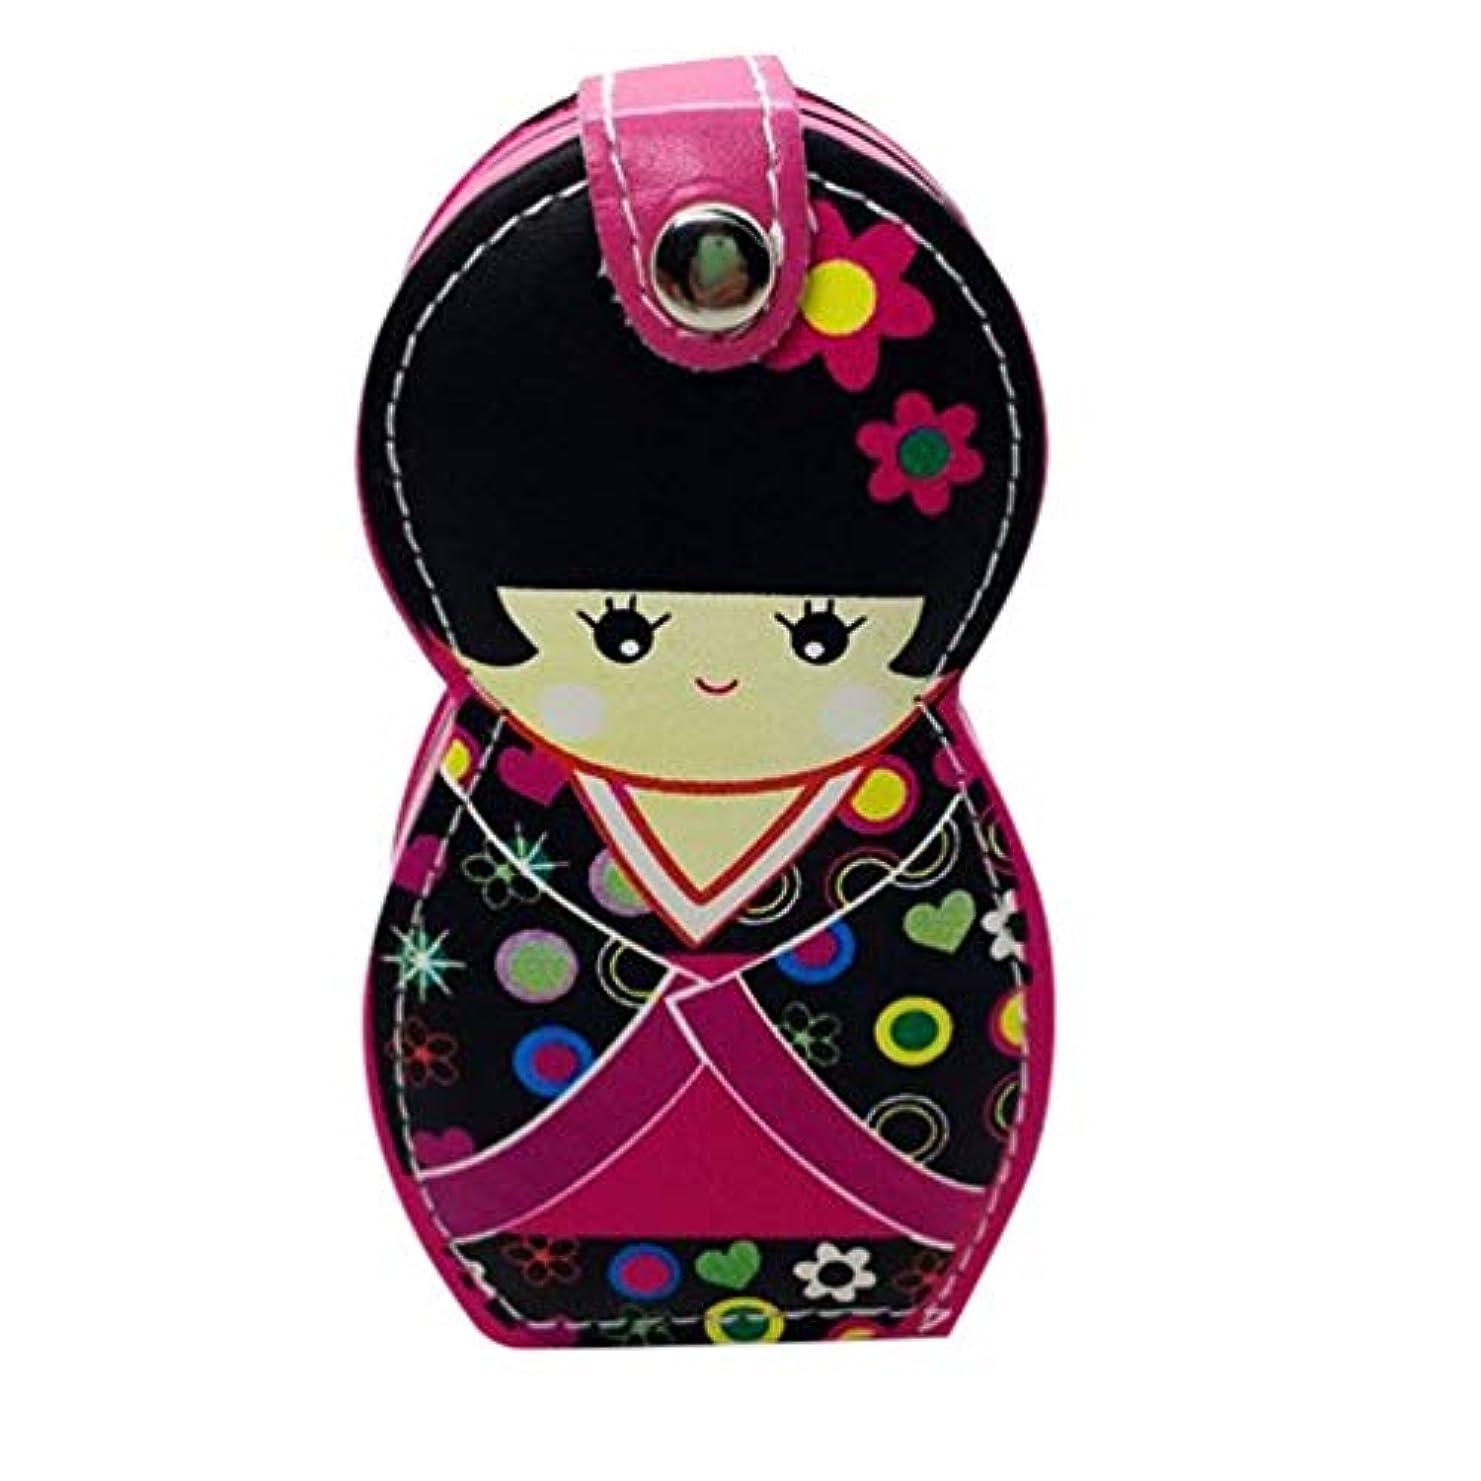 リークノート取るHongma ネイルケアセット マニキュアセット 可愛い 日本人形 ロシア人形 グルーミングキット 爪やすり 爪切りセット 携帯便利 収納ケース付き (日本人形ピンク)